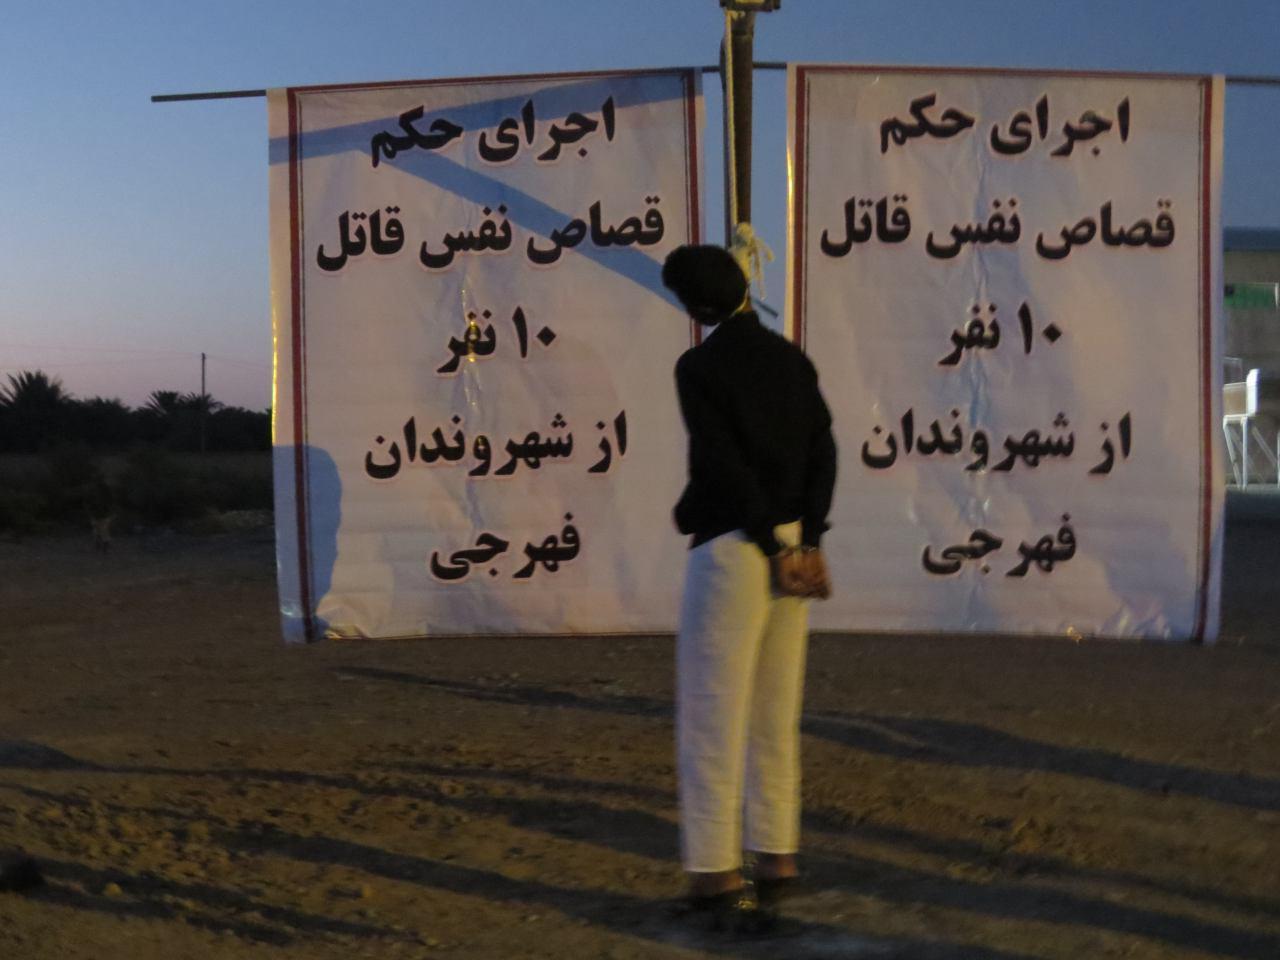 اعدام قاتل فهرج کرمان